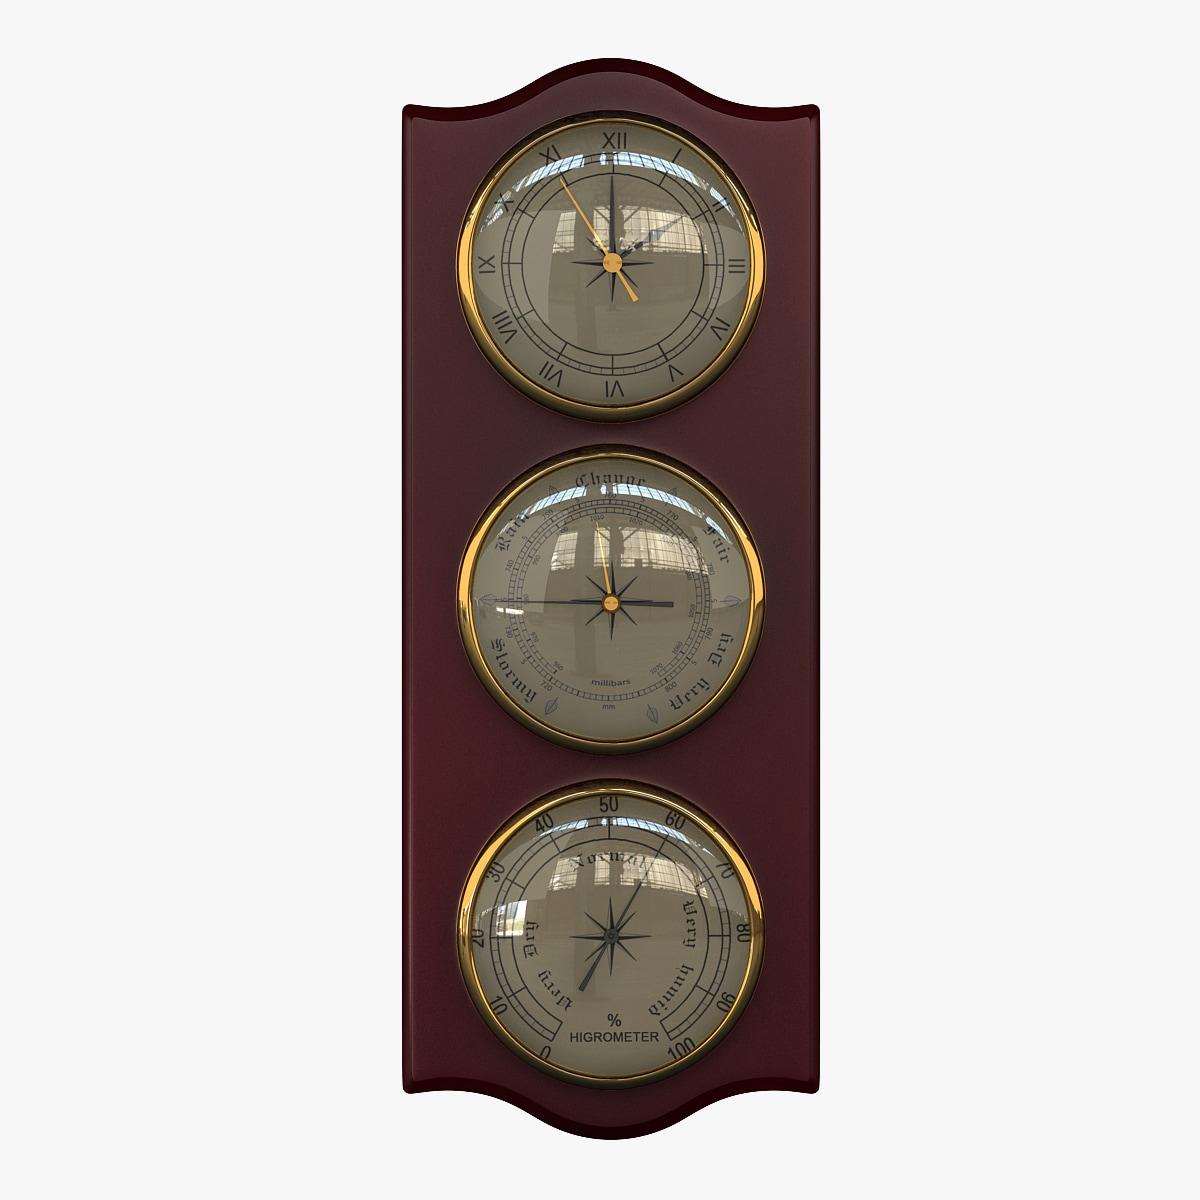 Barometer_v2_000.jpg